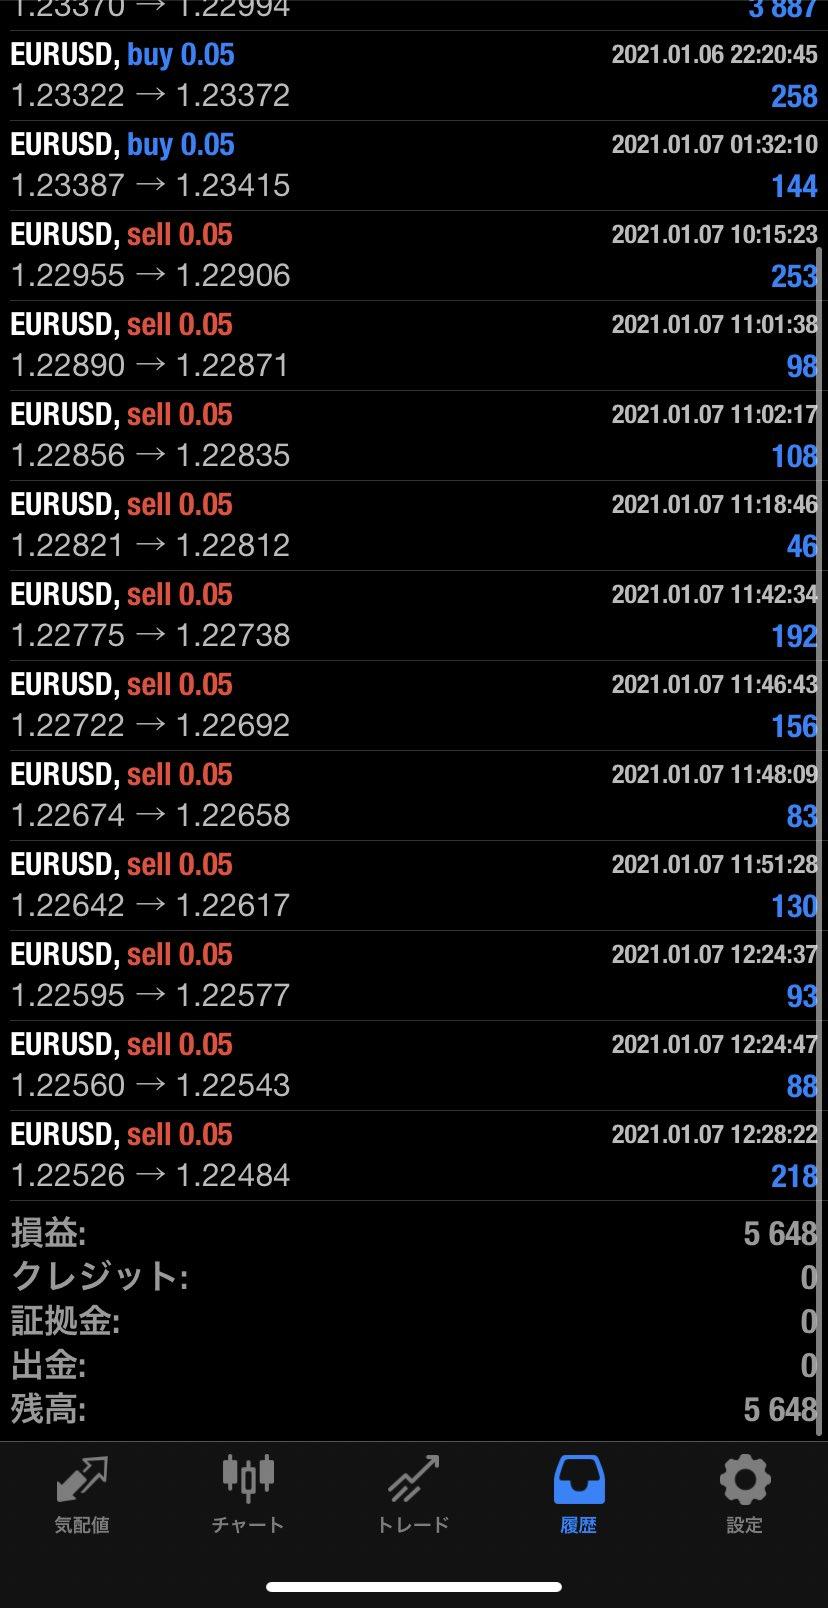 2021年1月7日 EUR/USDバージョン5,648円